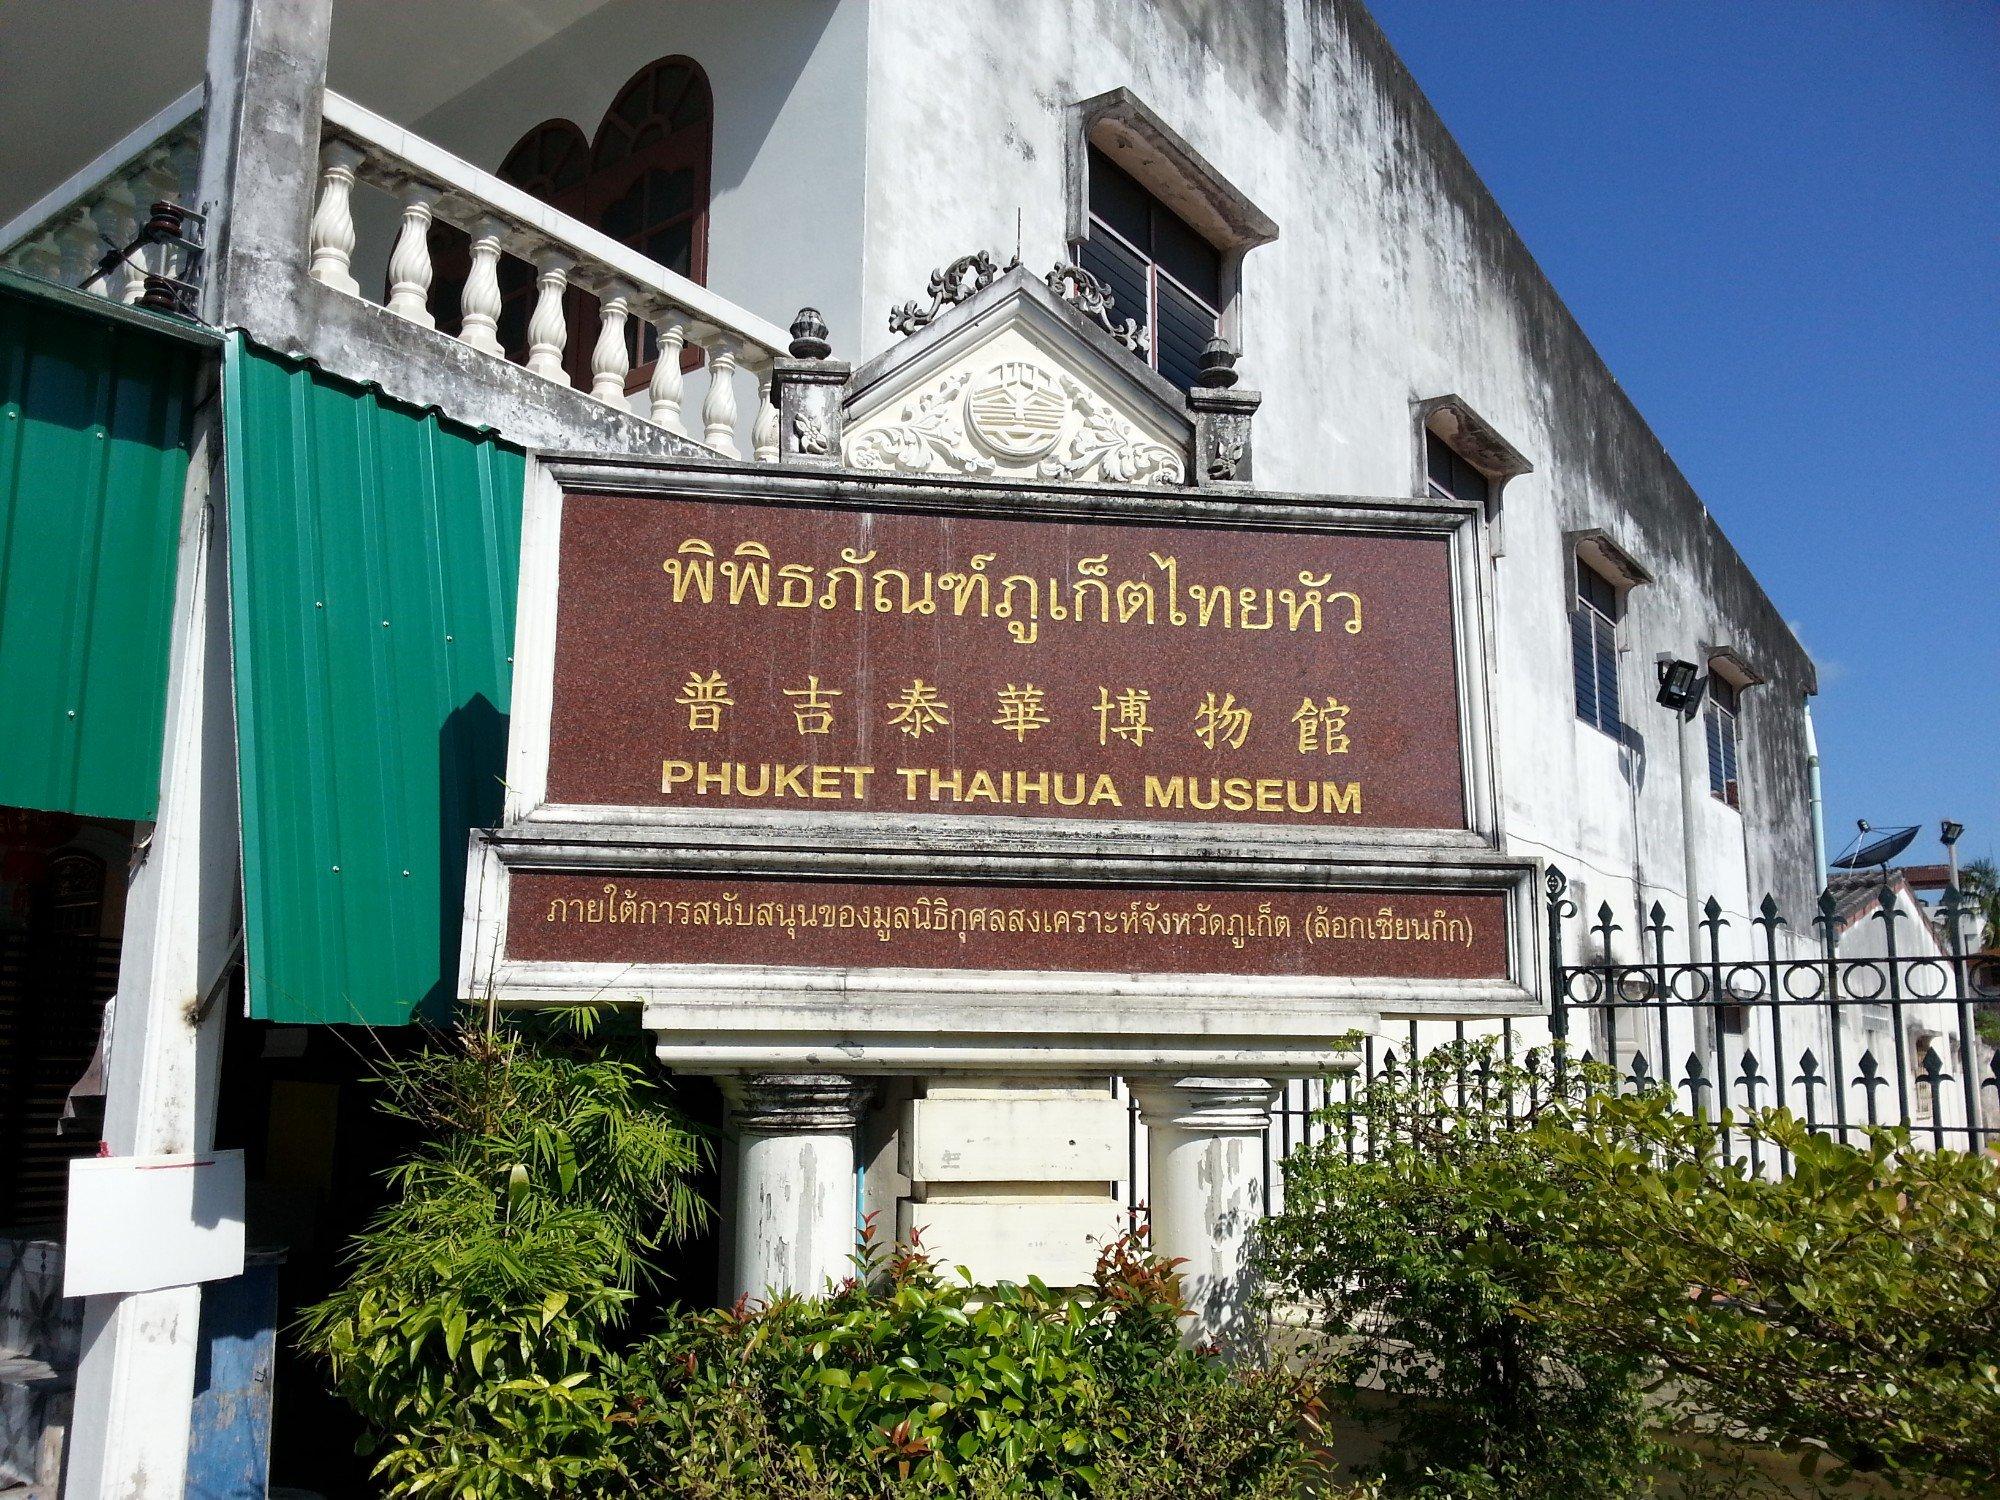 Thai Hua Museum in Phuket